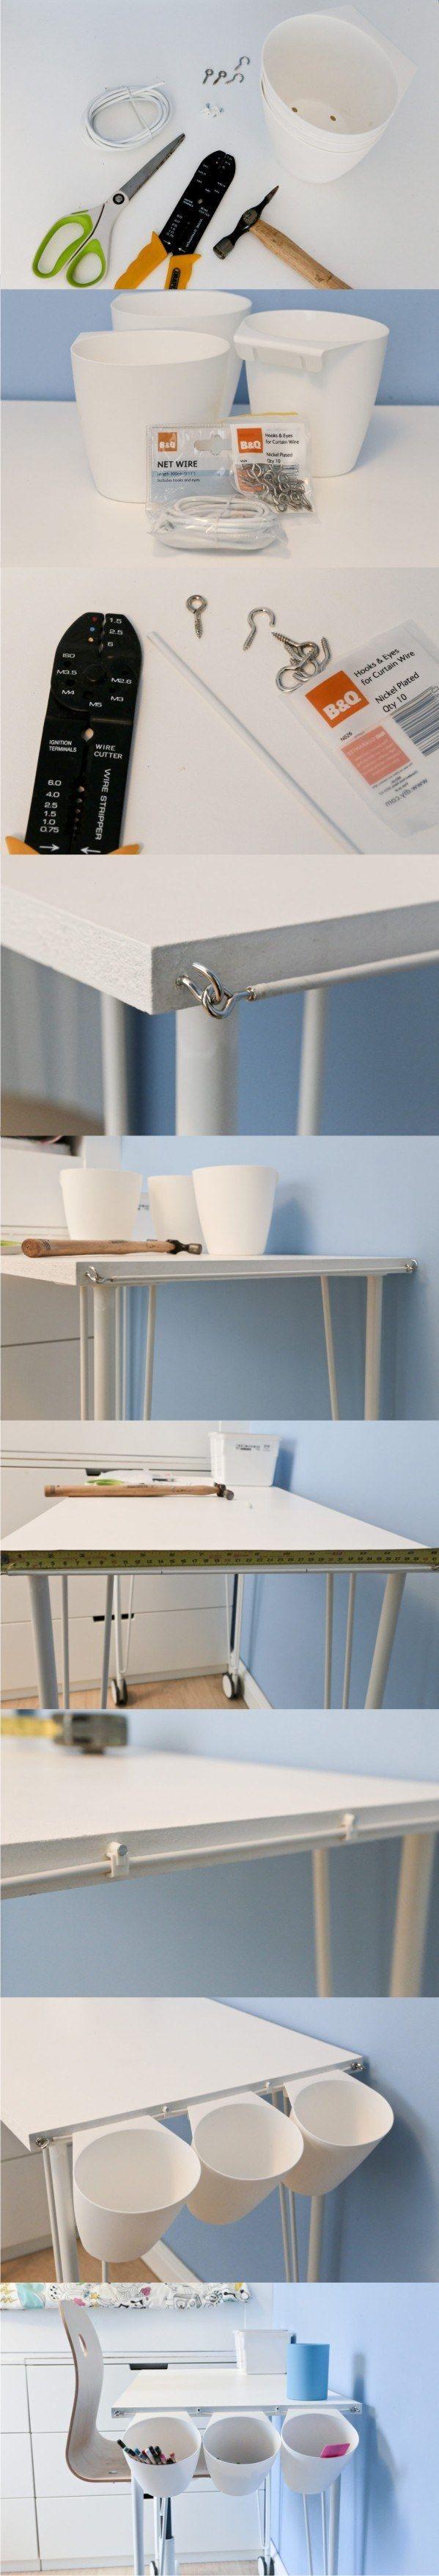 ikeahack para organizar el escritorio - Vía maligno.com